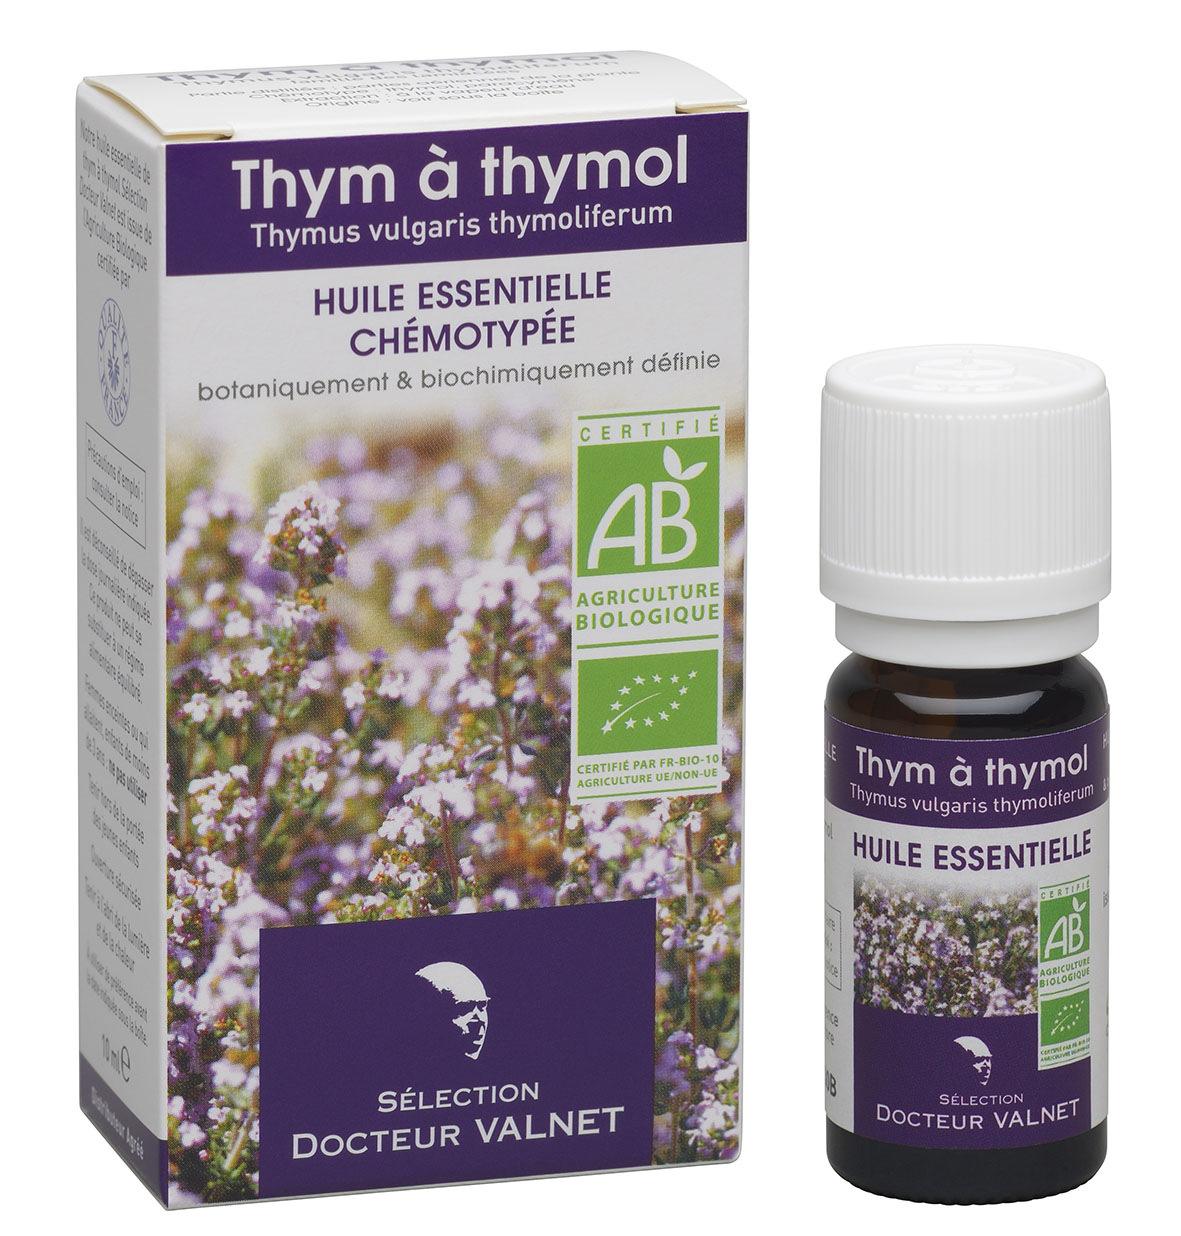 huile essentielle de thym thymol valnet 10 ml docteur valnet pharmacie des drakkars. Black Bedroom Furniture Sets. Home Design Ideas